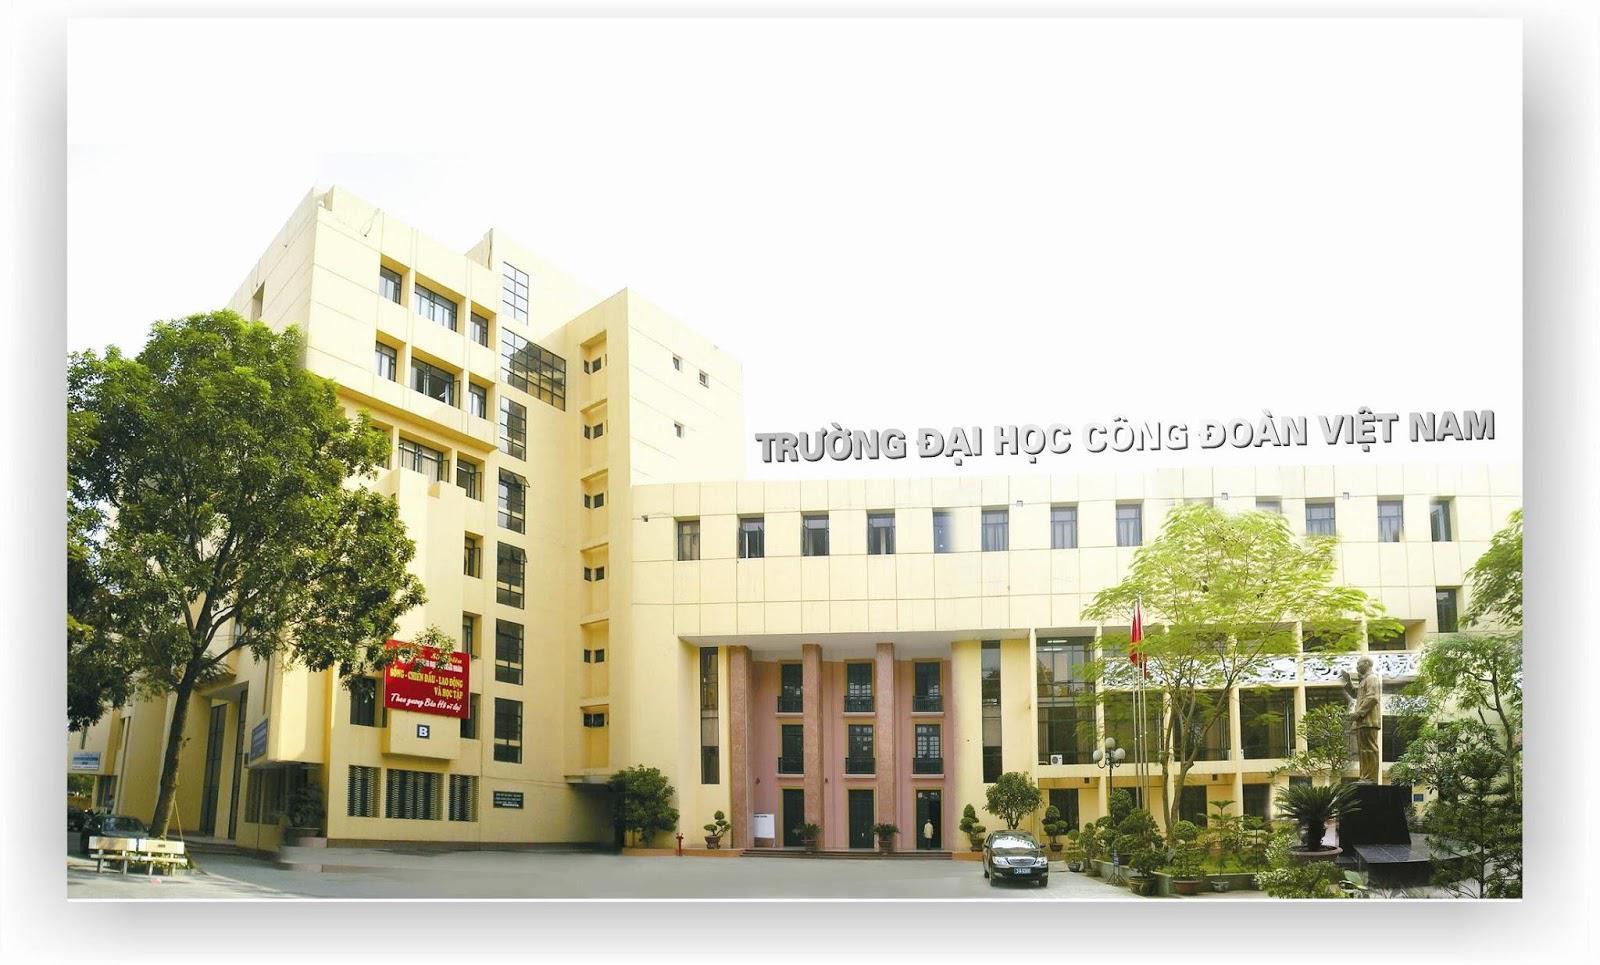 Đại học Công Đoàn